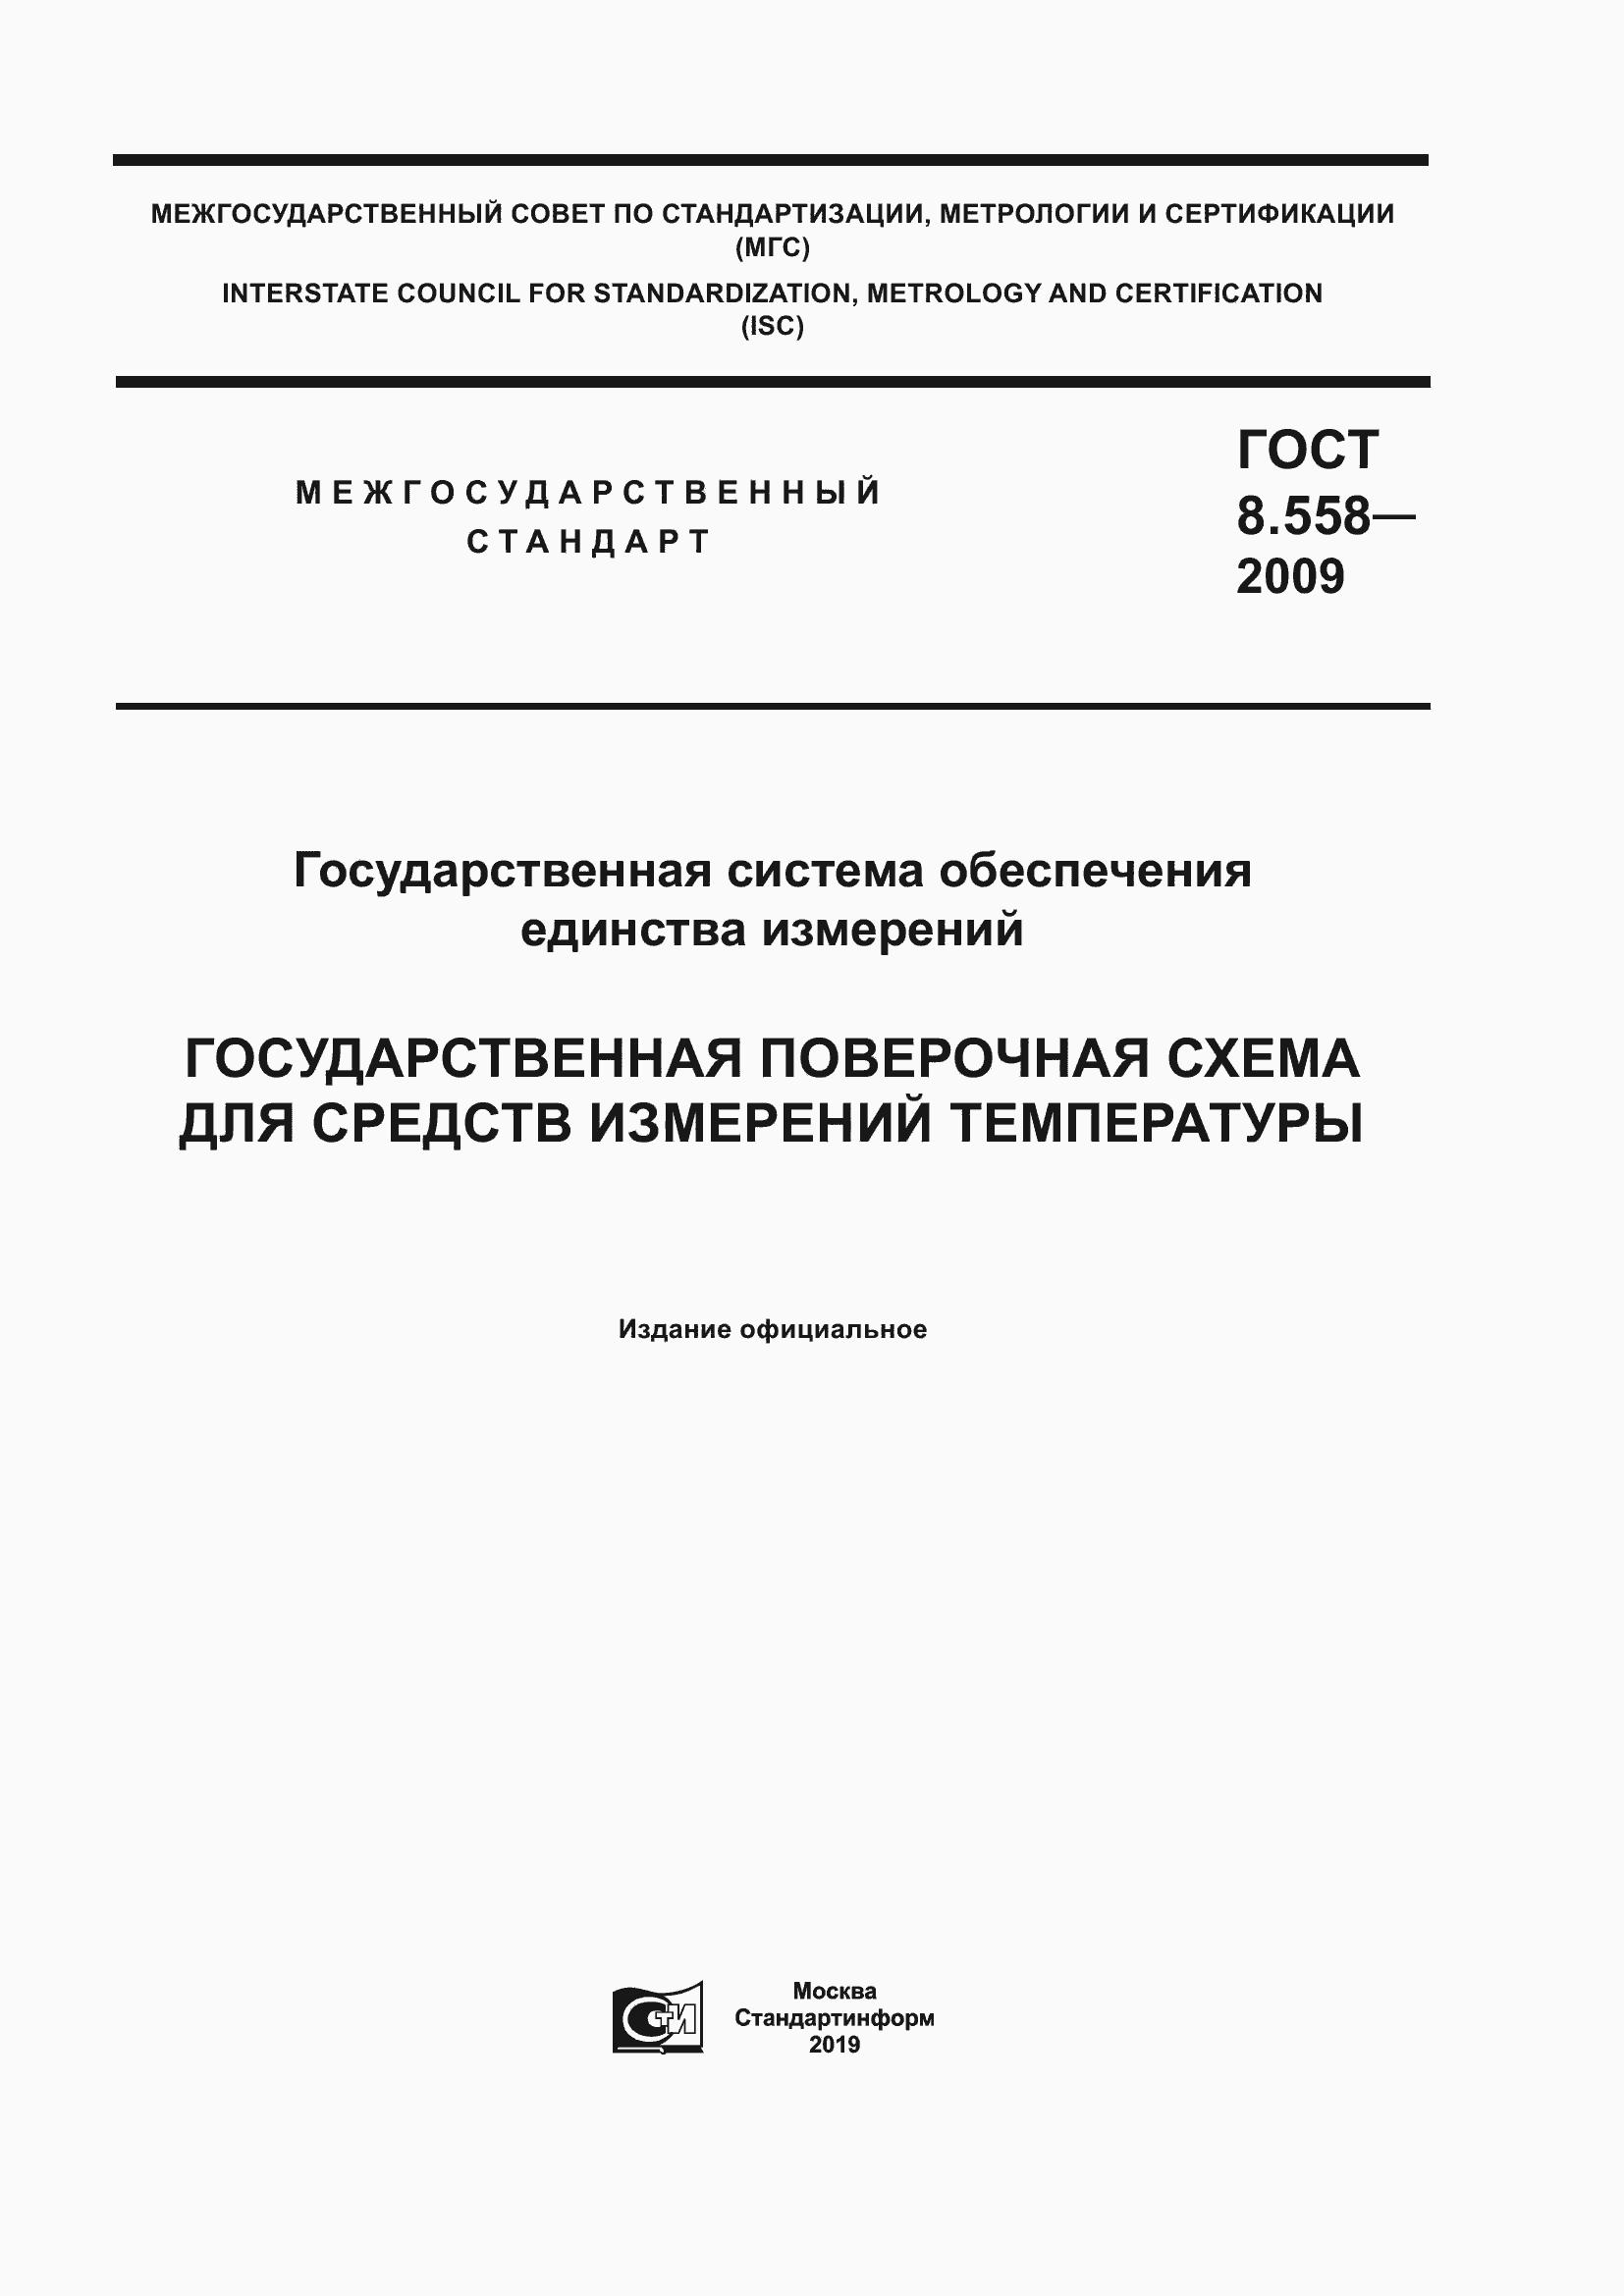 ГОСТ 8.558-2009. Страница 1